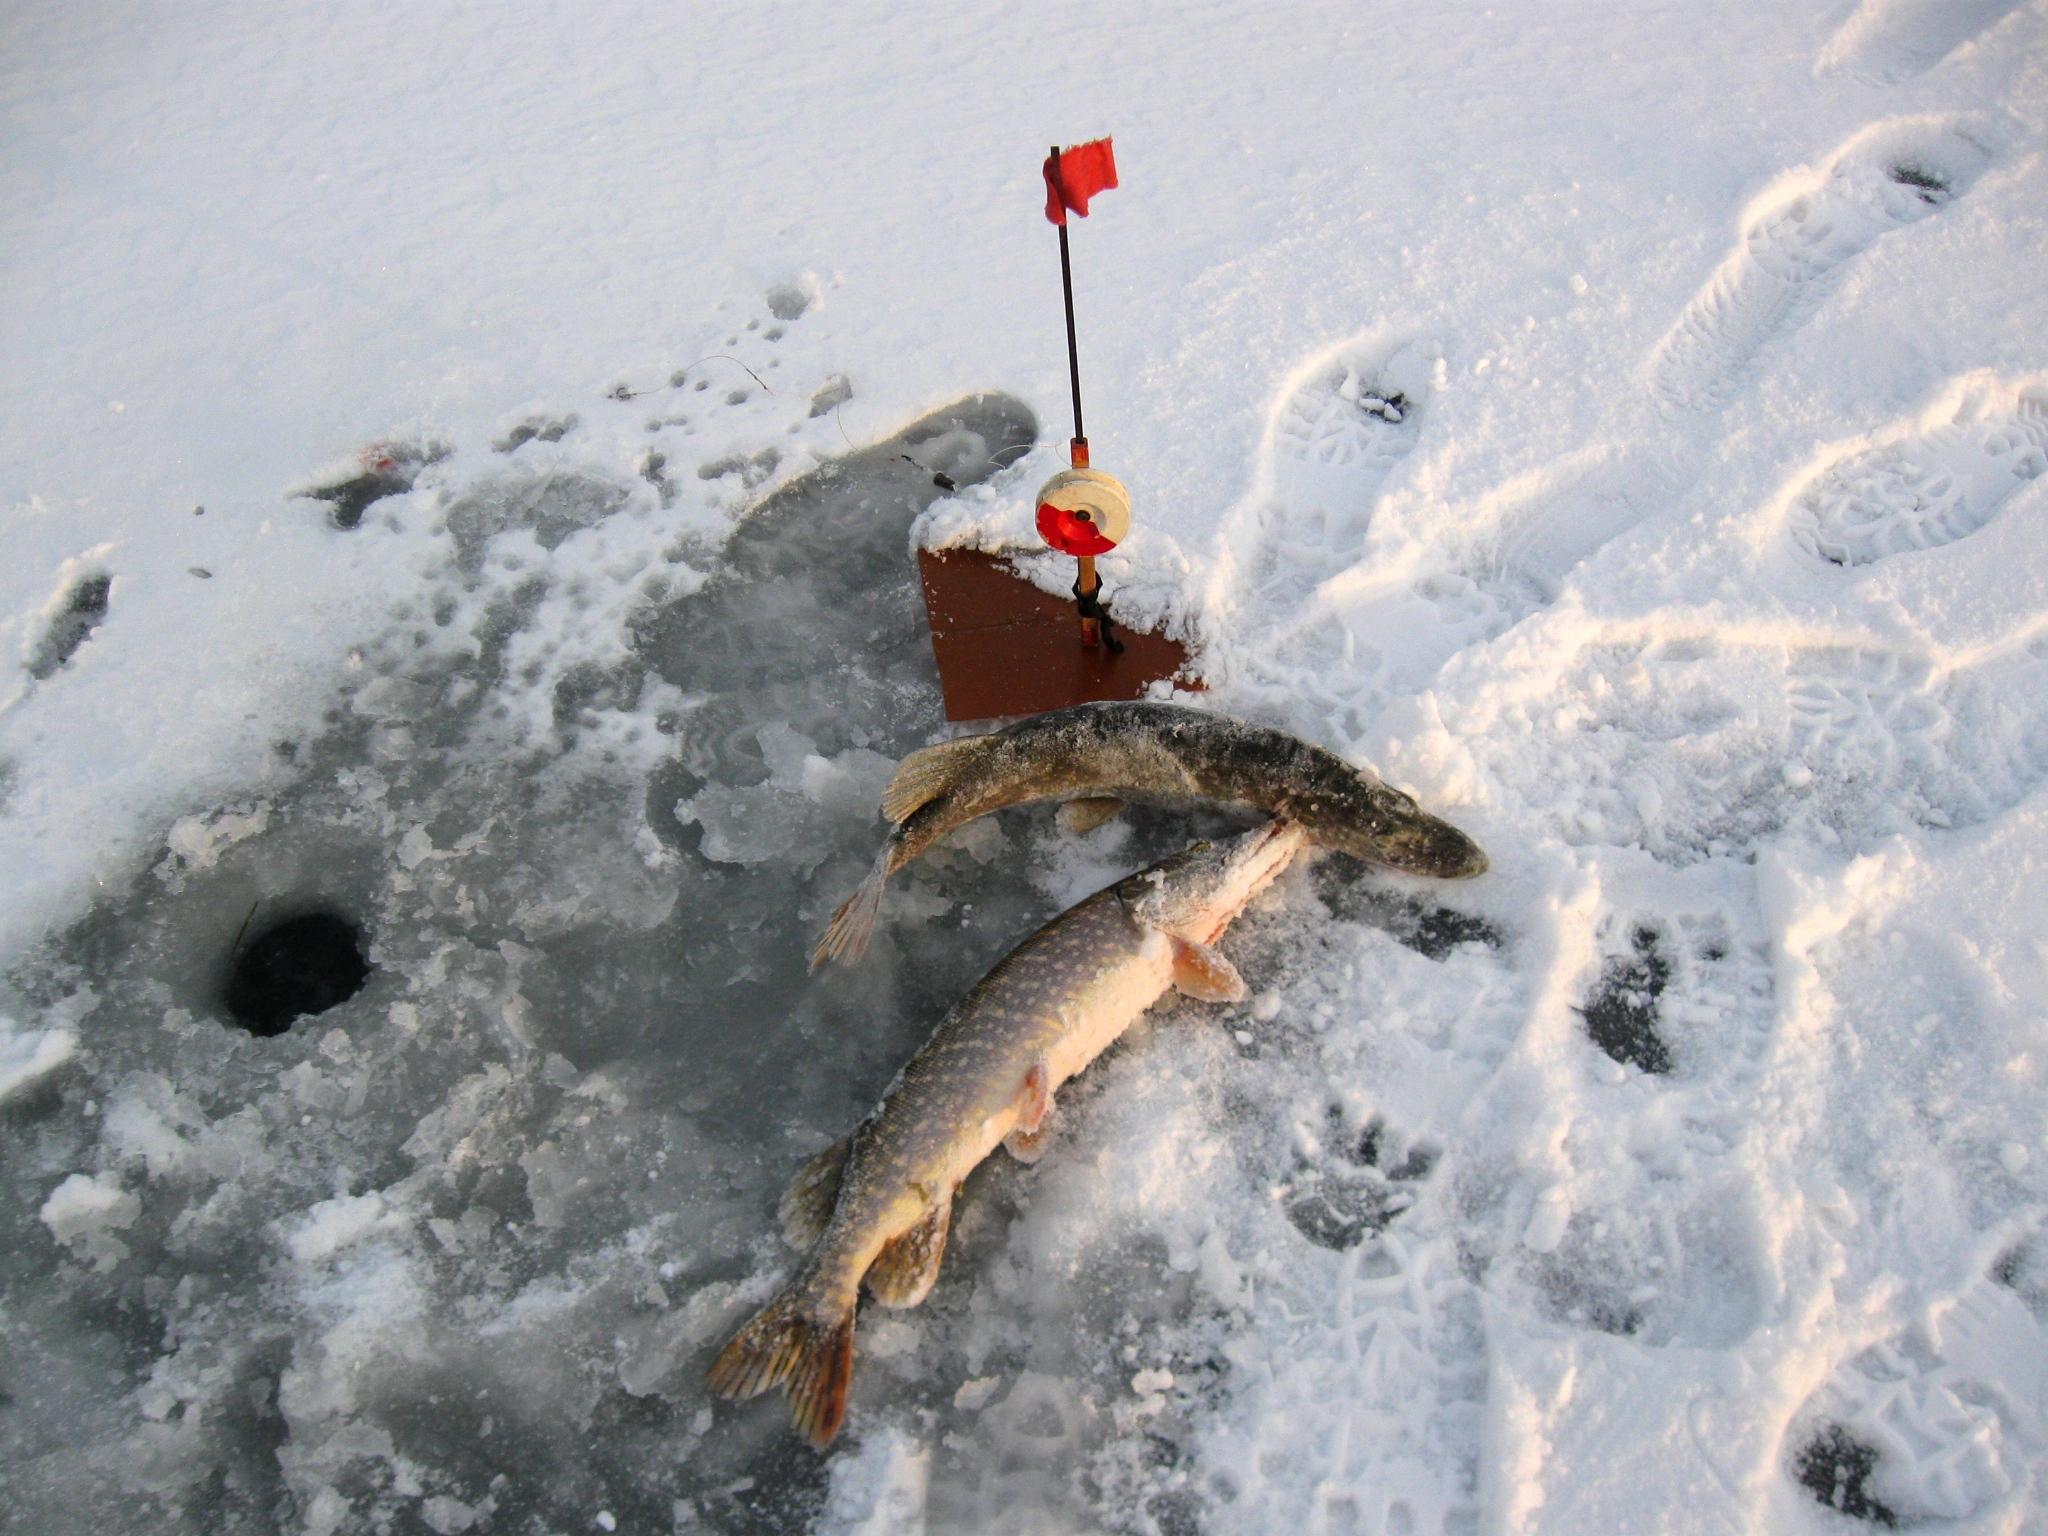 Первый лед - он лучший самый, жерлицы на щуку фото